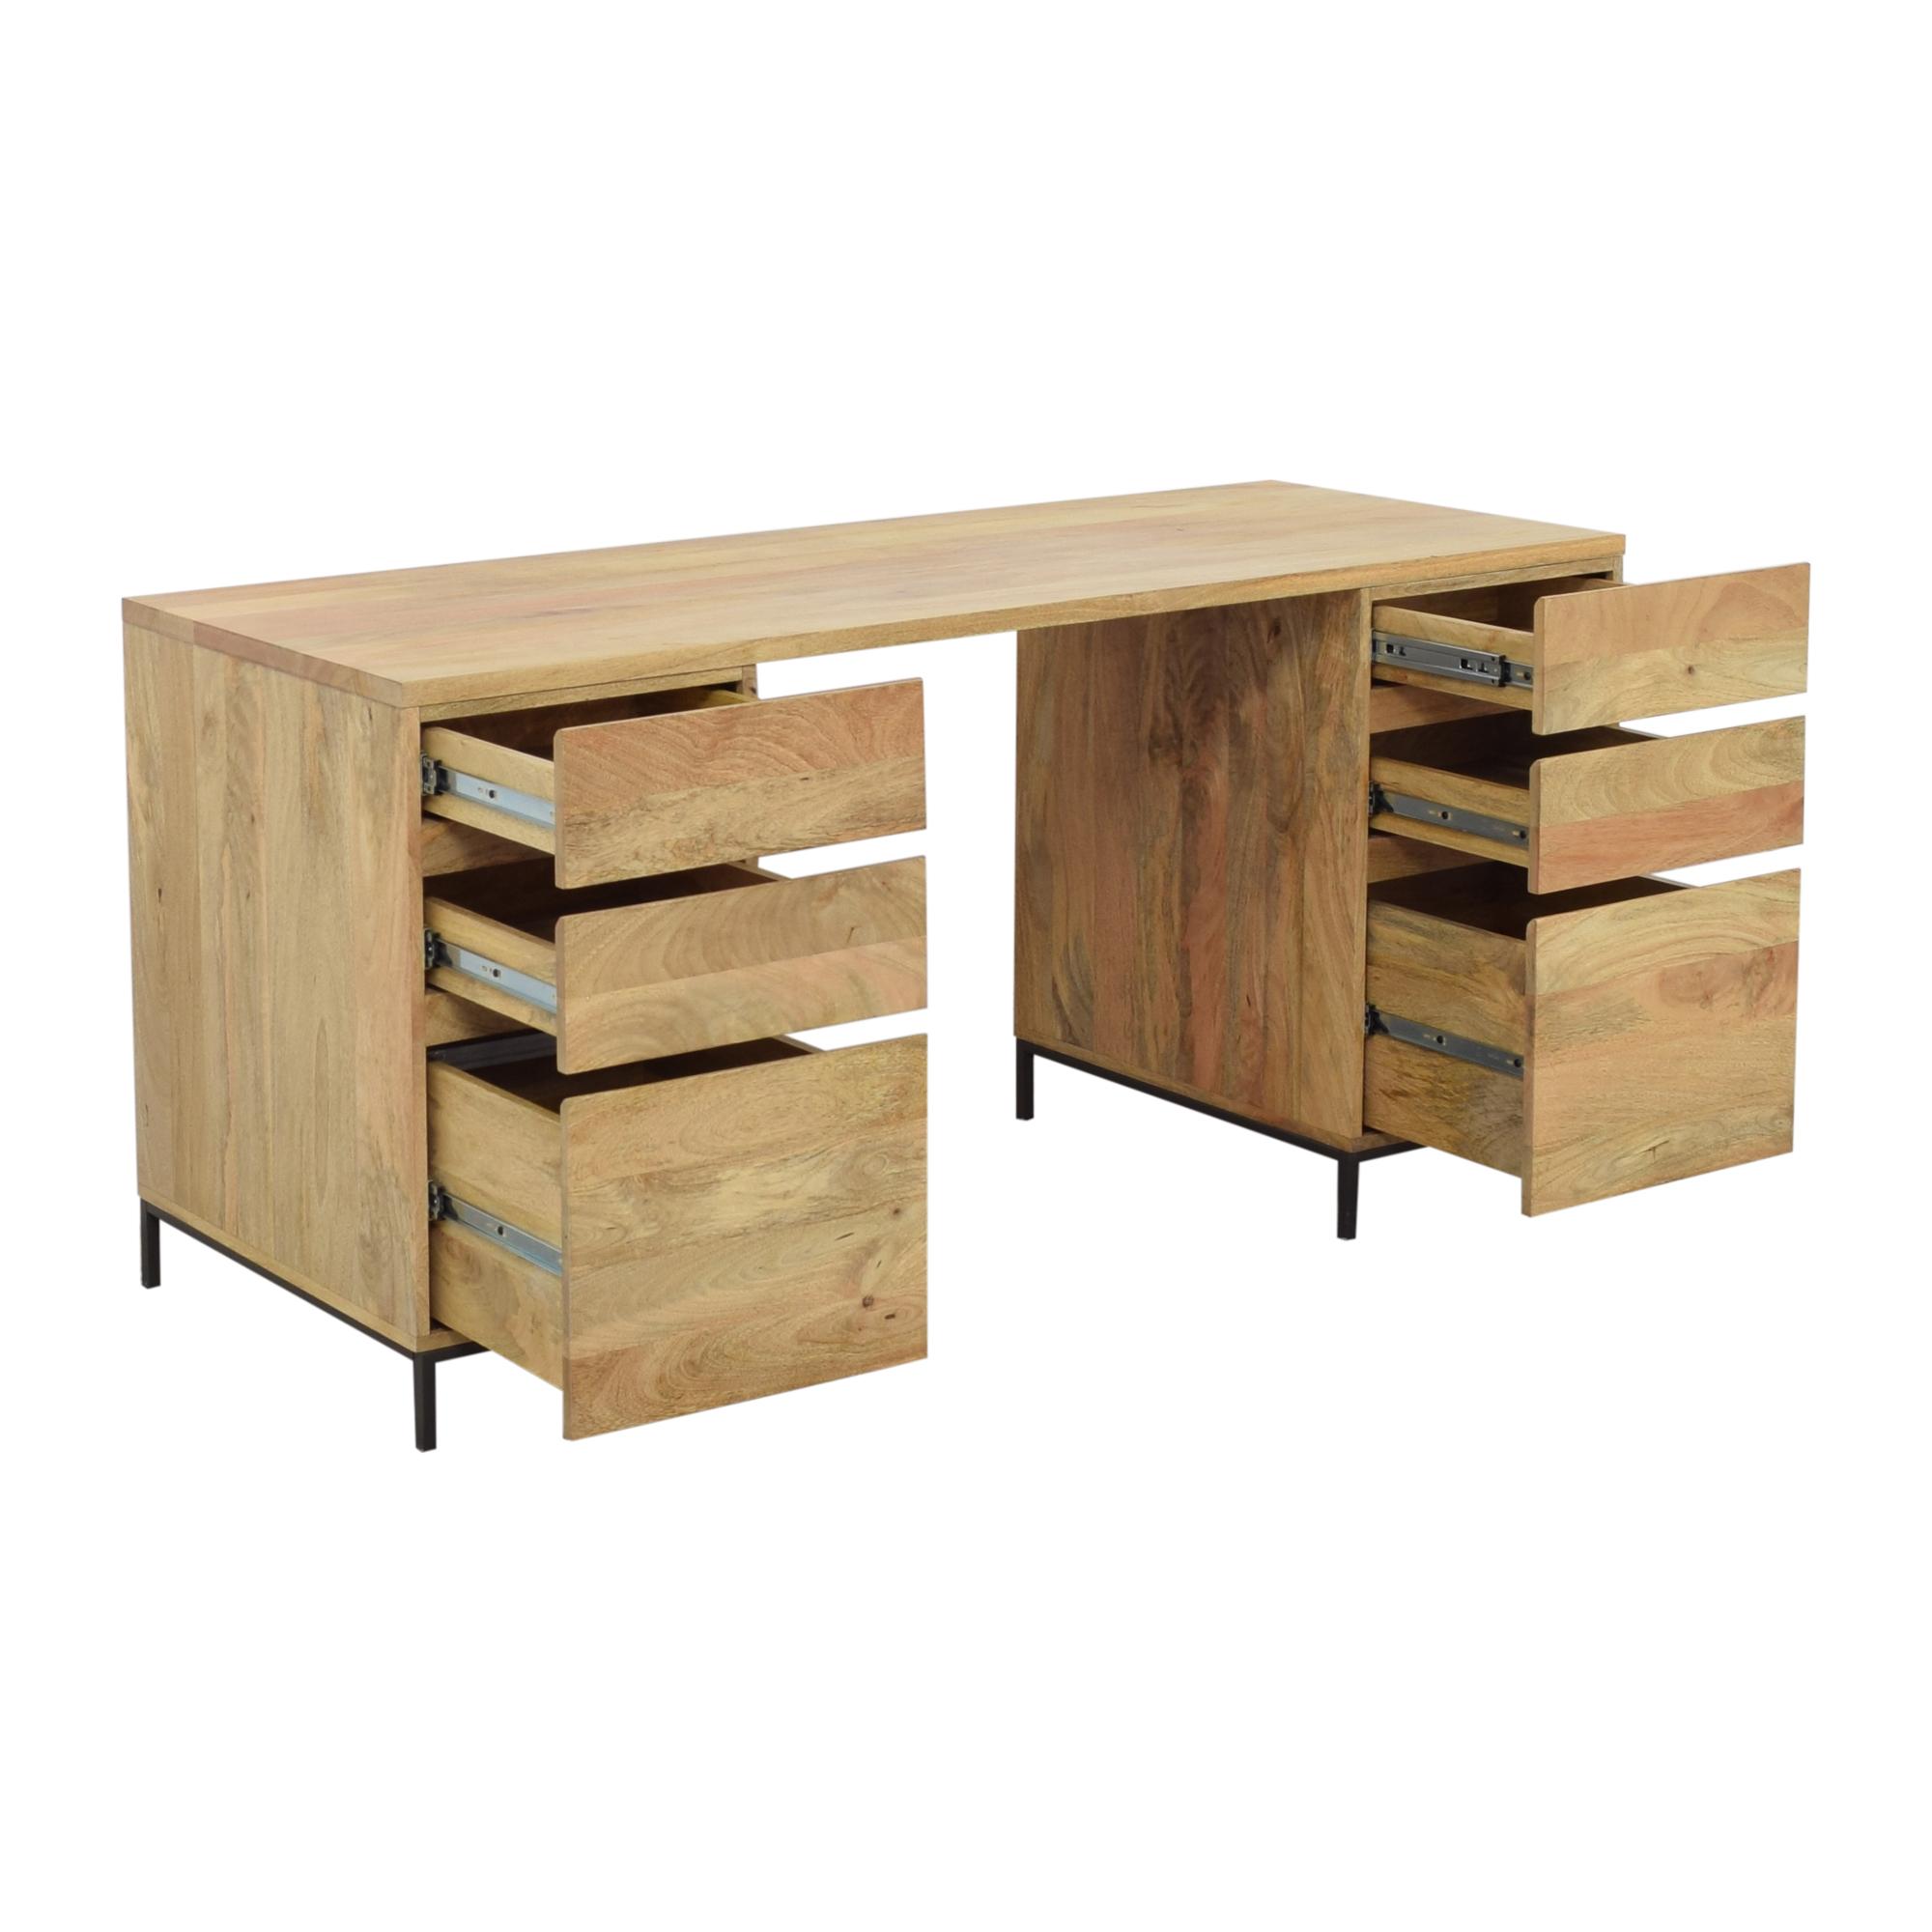 West Elm West Elm Desk Industrial Modular Desk Set nj